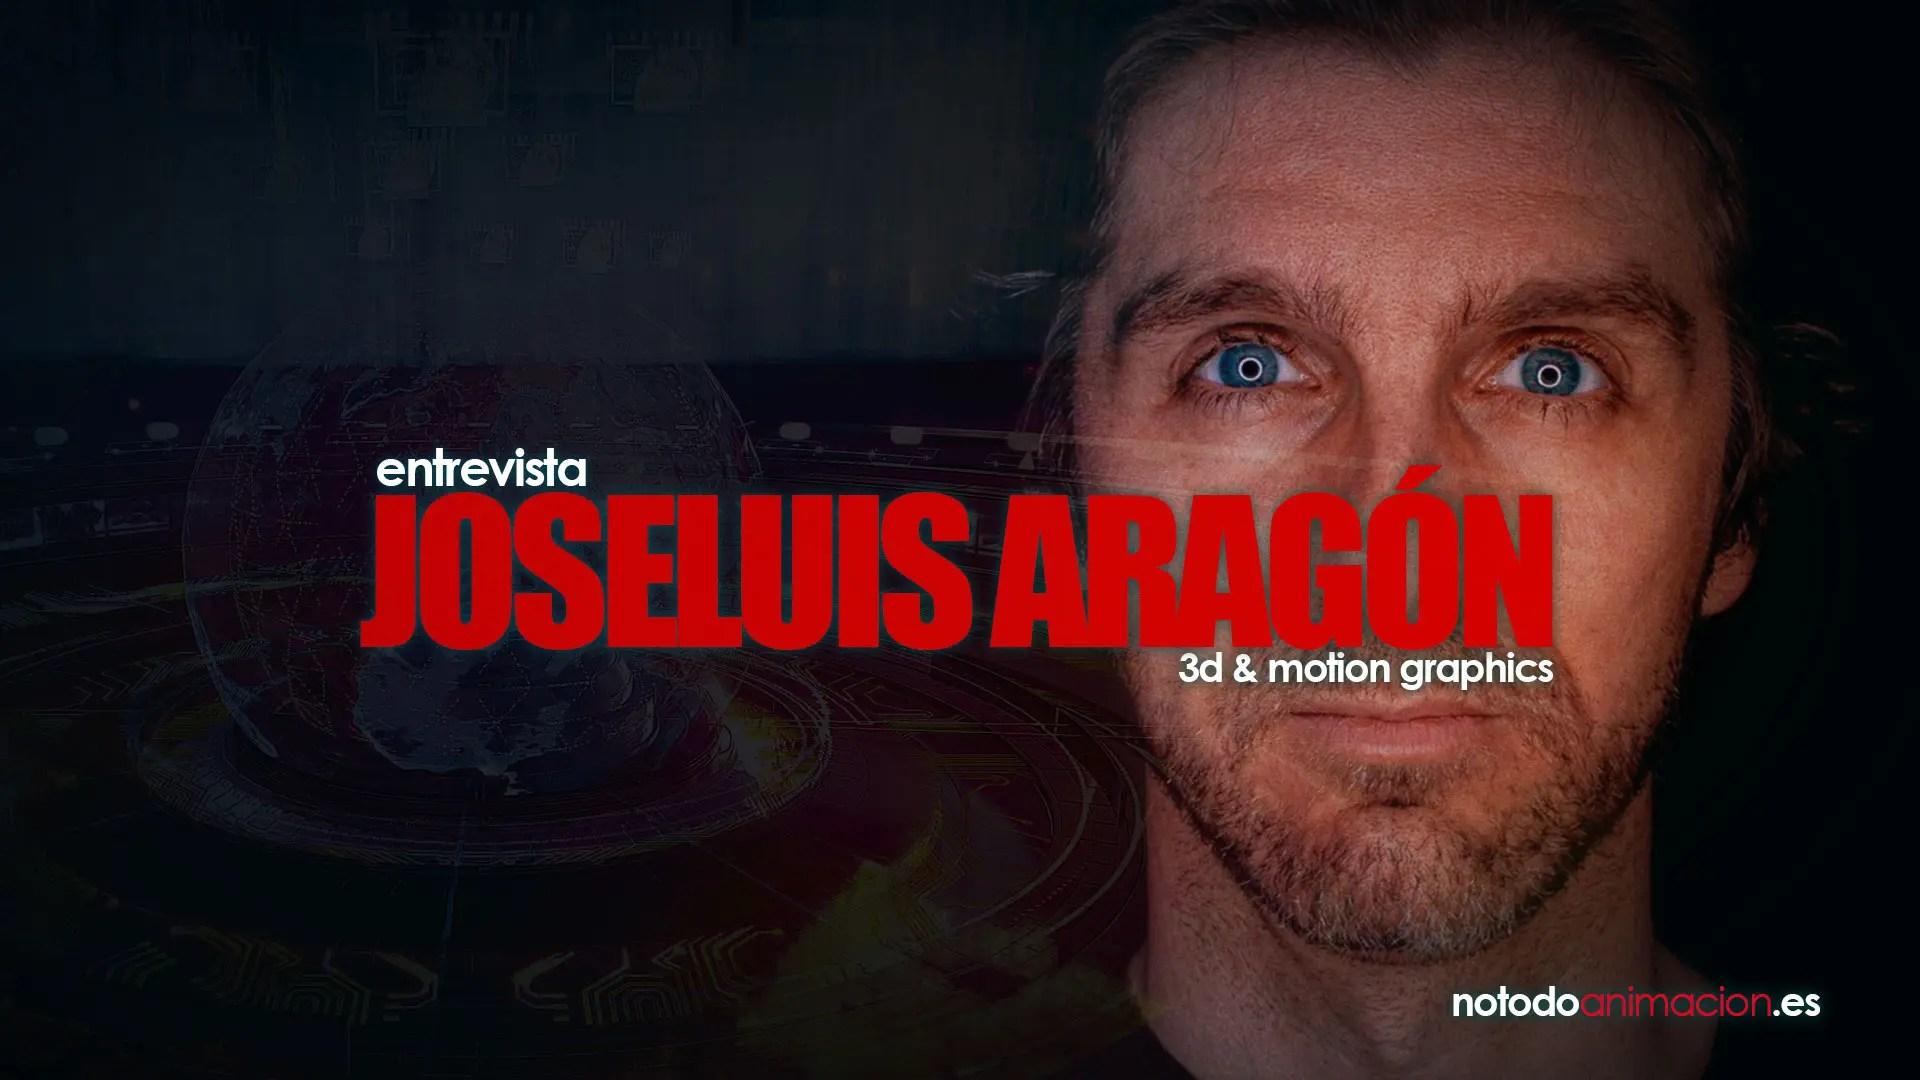 10 preguntas para José Luis Aragón | Experto en Motion Graphics